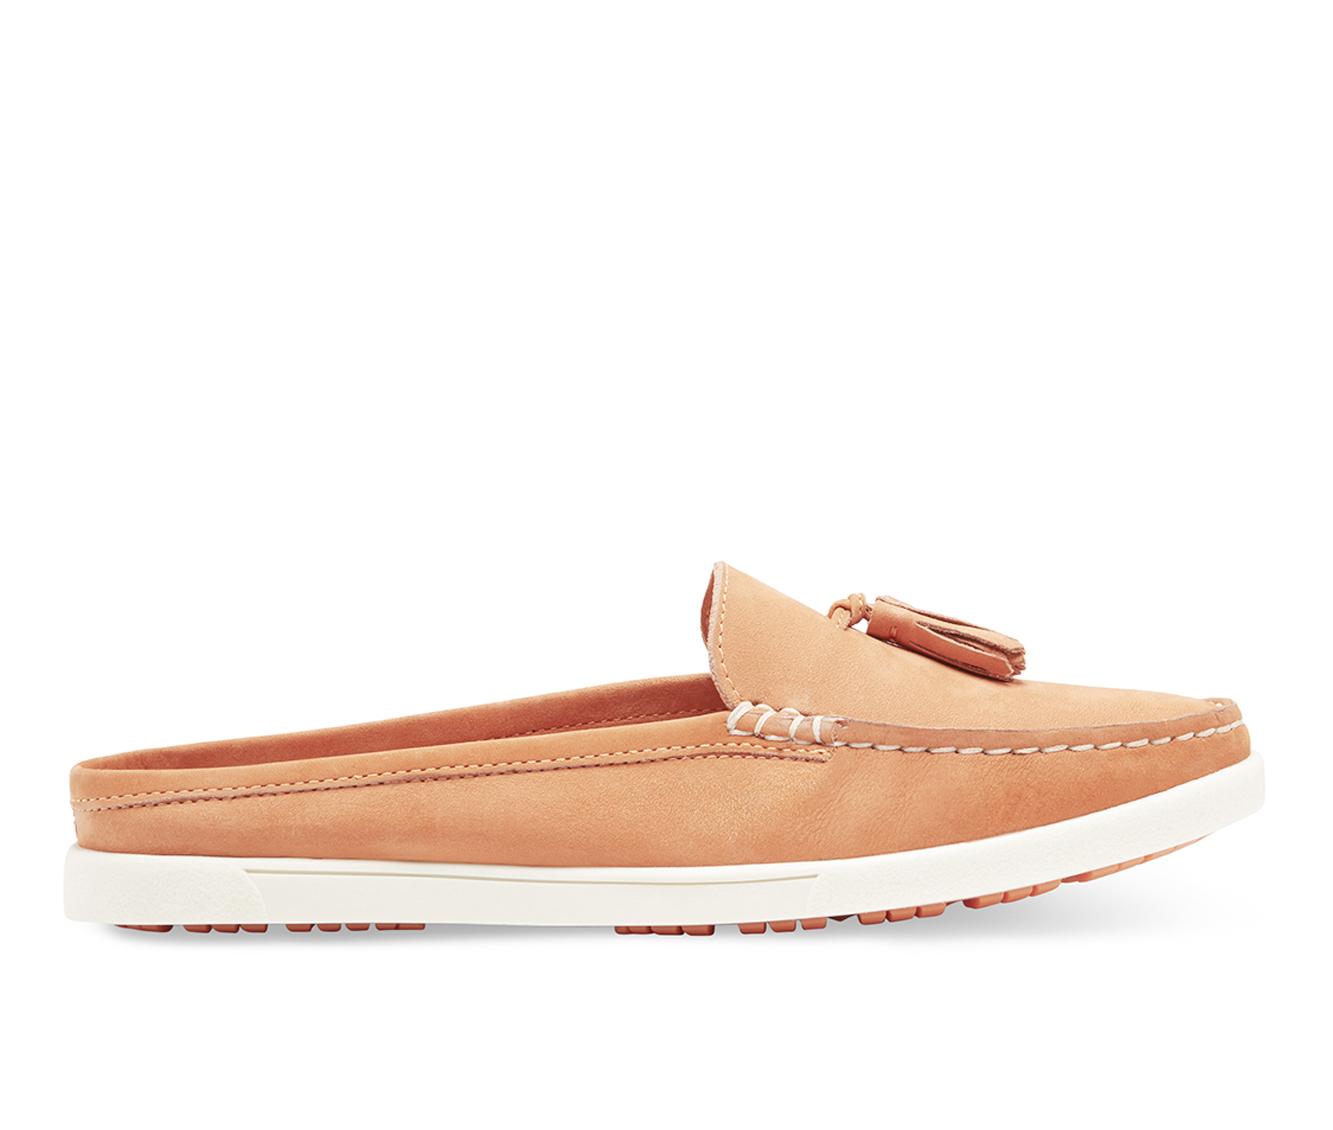 Eastland Mandy Women's Shoe (Orange Leather)